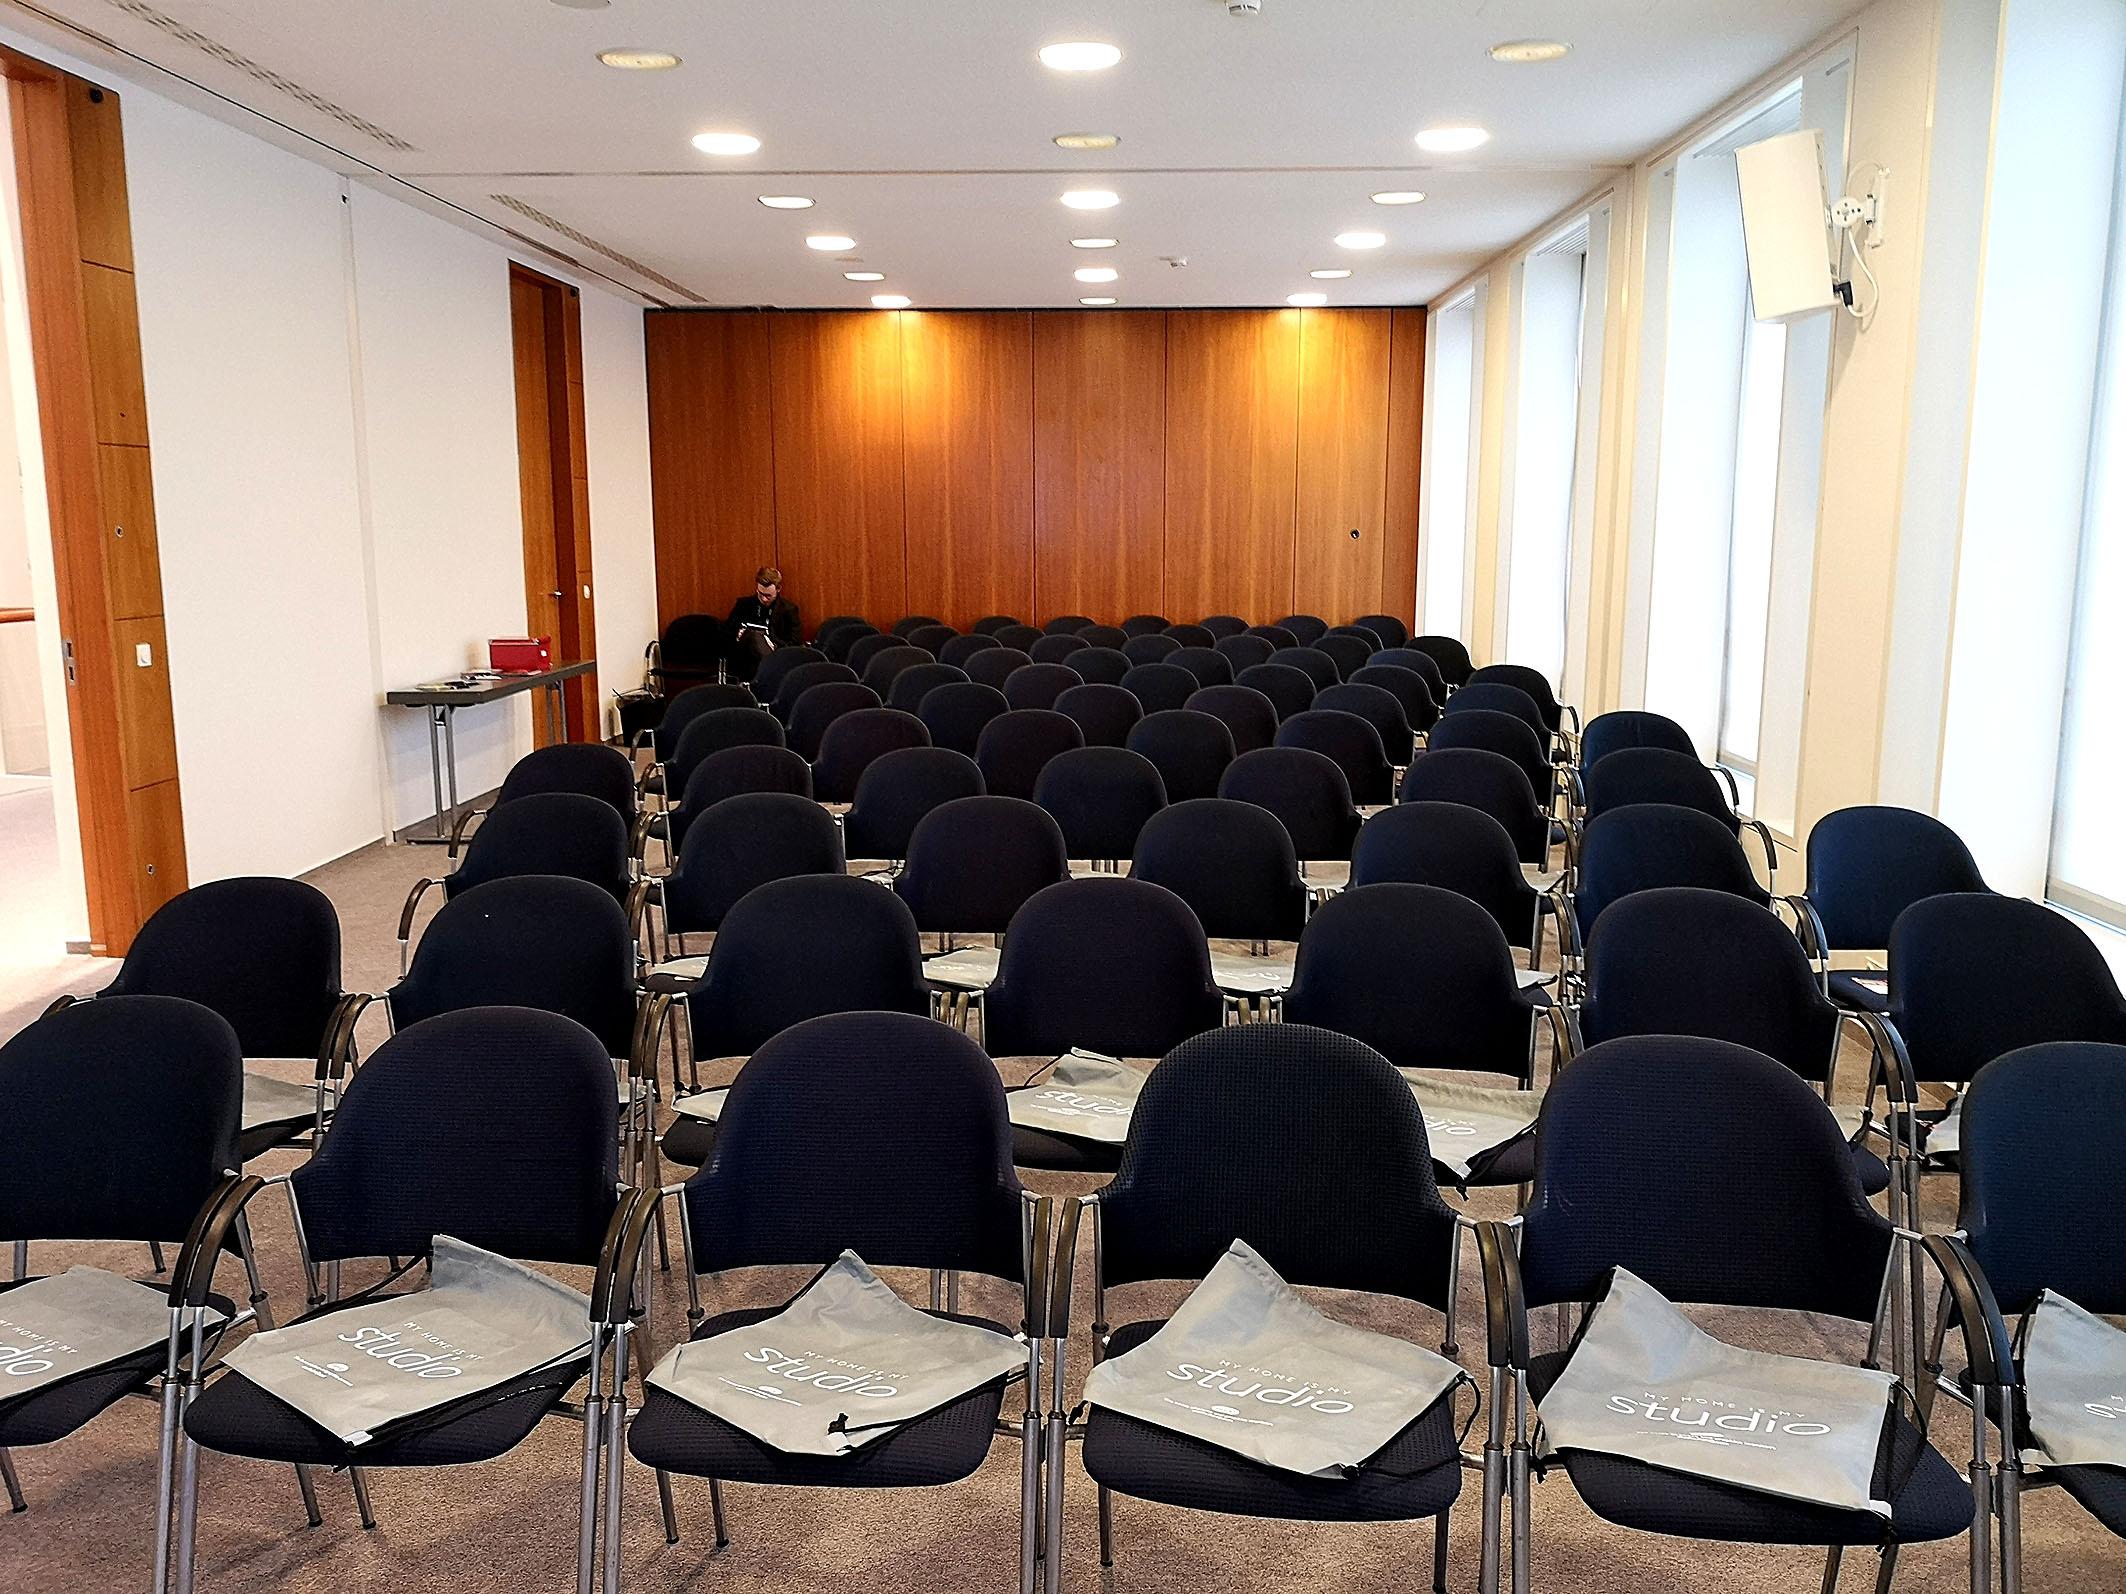 Foto: Michael B. Rehders - Kurz vor Eröffnung. Der Aufbau im Konferenzraum C ist fertig. Auf den Sitzen liegen die Taschen mit den Präsenten für die Besucher.